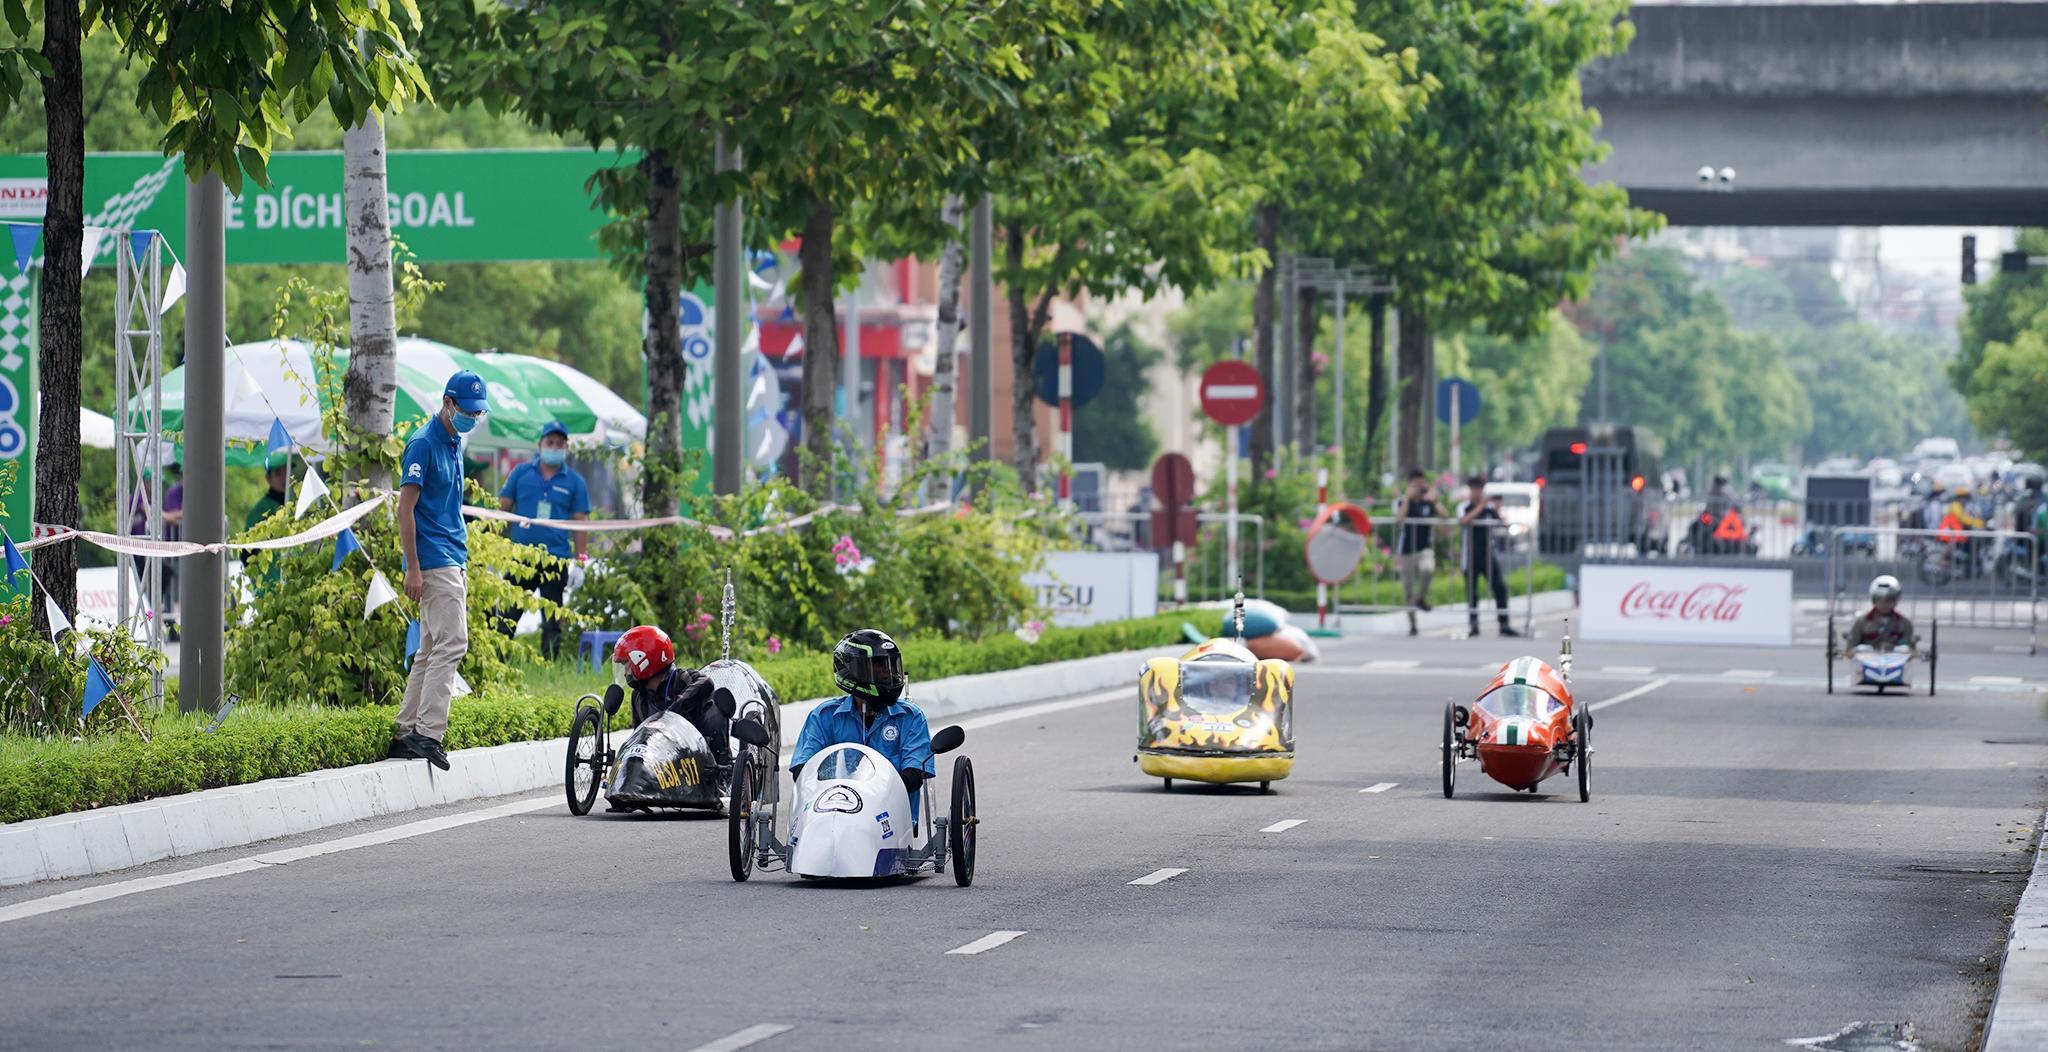 Honda Việt Nam khởi động Cuộc thi Lái xe sinh thái - Tiết kiệm nhiên liệu 2021  – Không ngừng nỗ lực cho những giá trị bền vững –